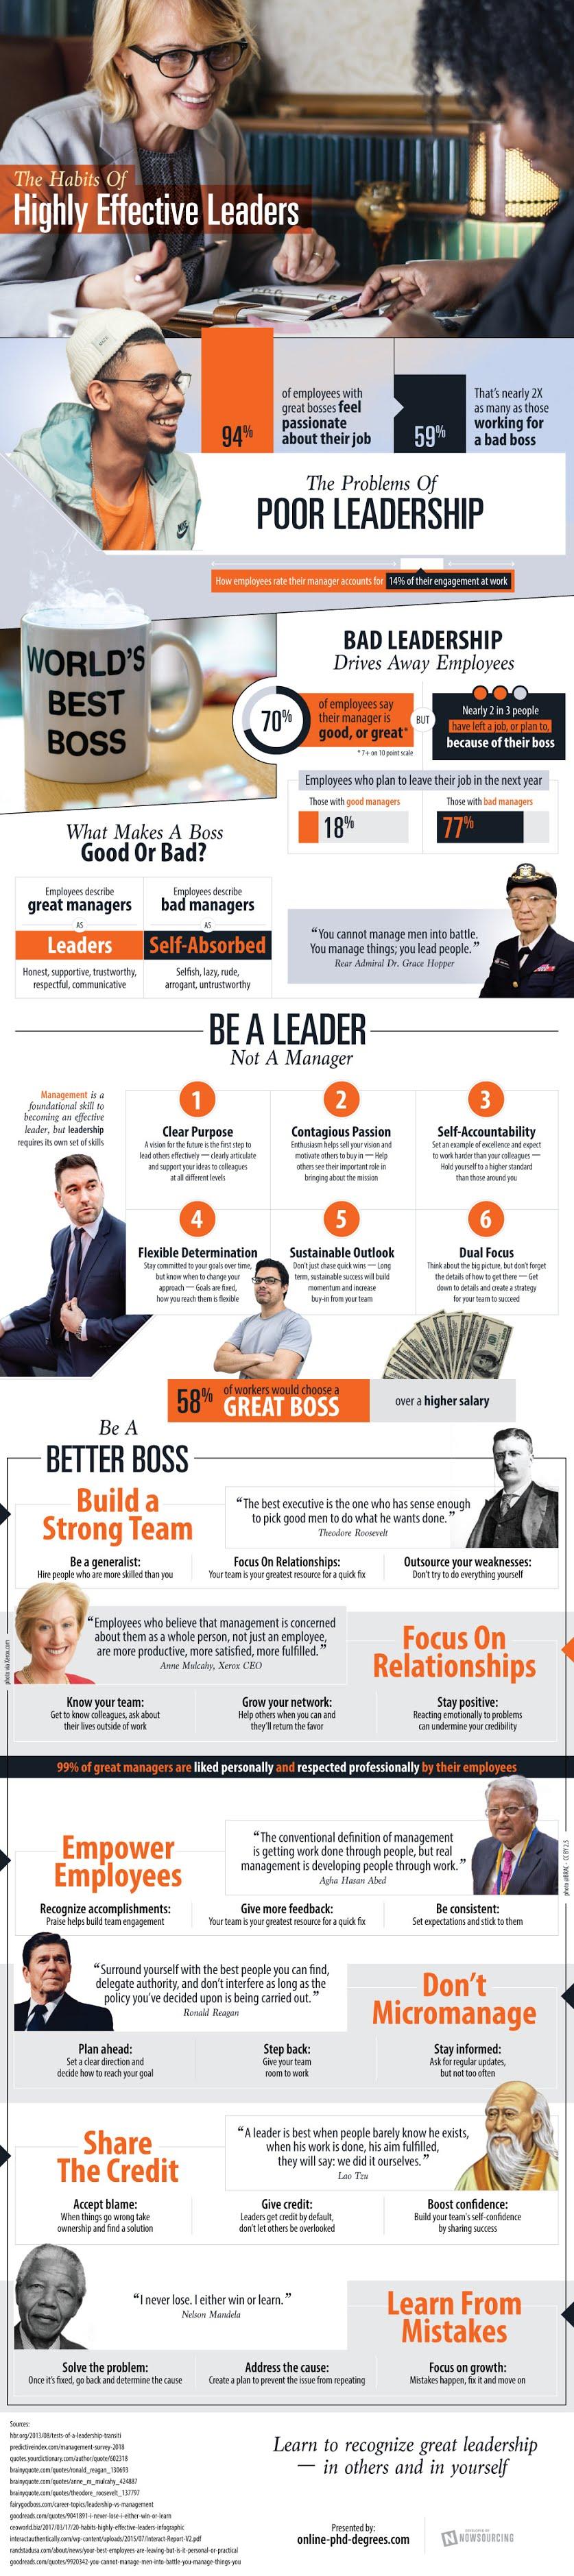 Qualities of good leaders